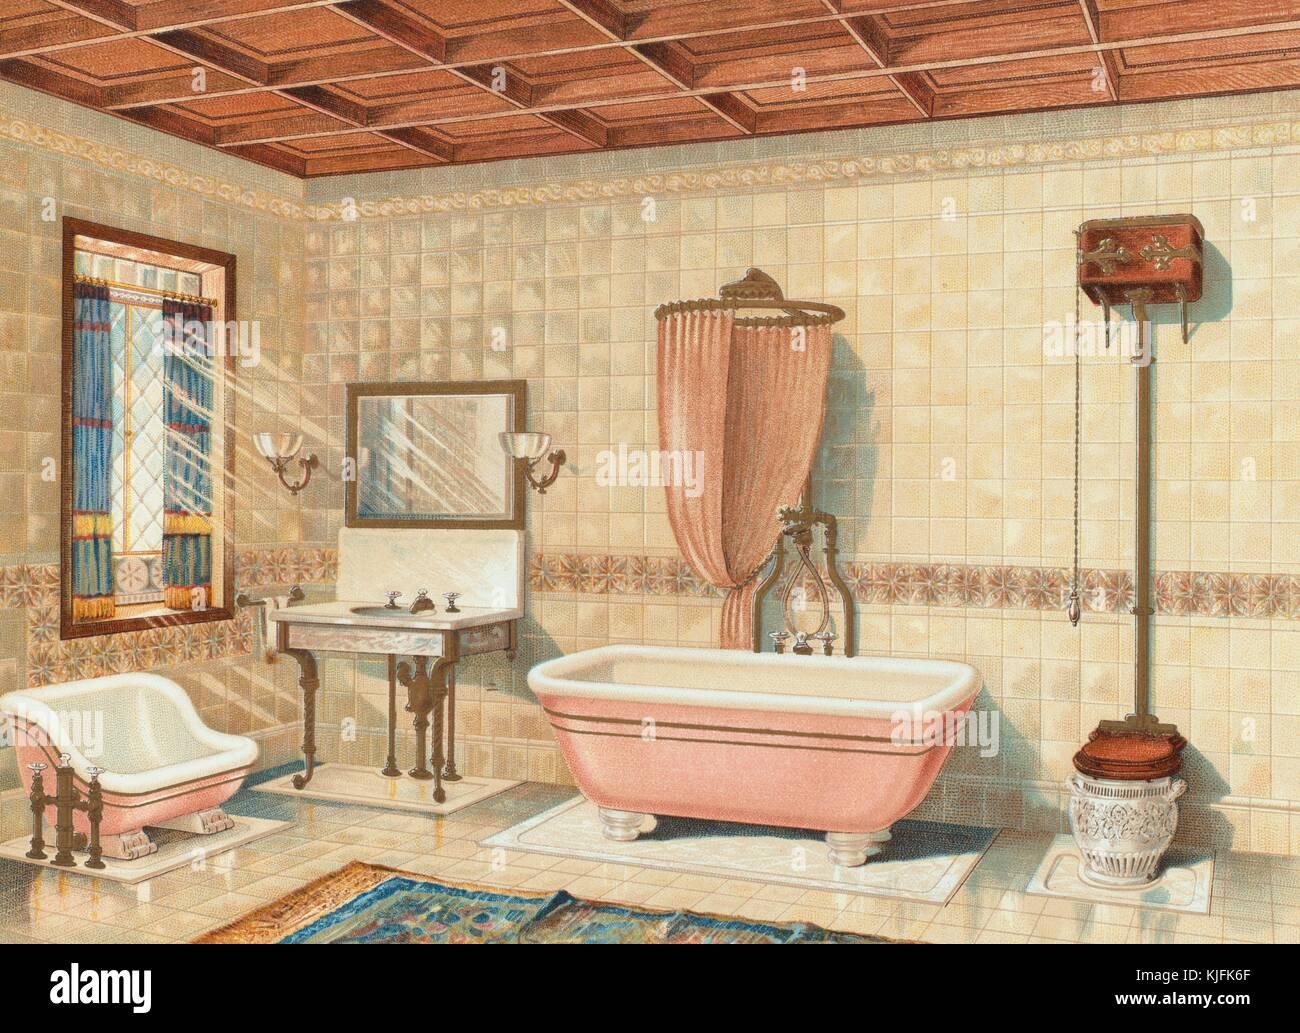 Una ilustración de mott Iron Works 1884 catálogo, el cuarto de baño ...